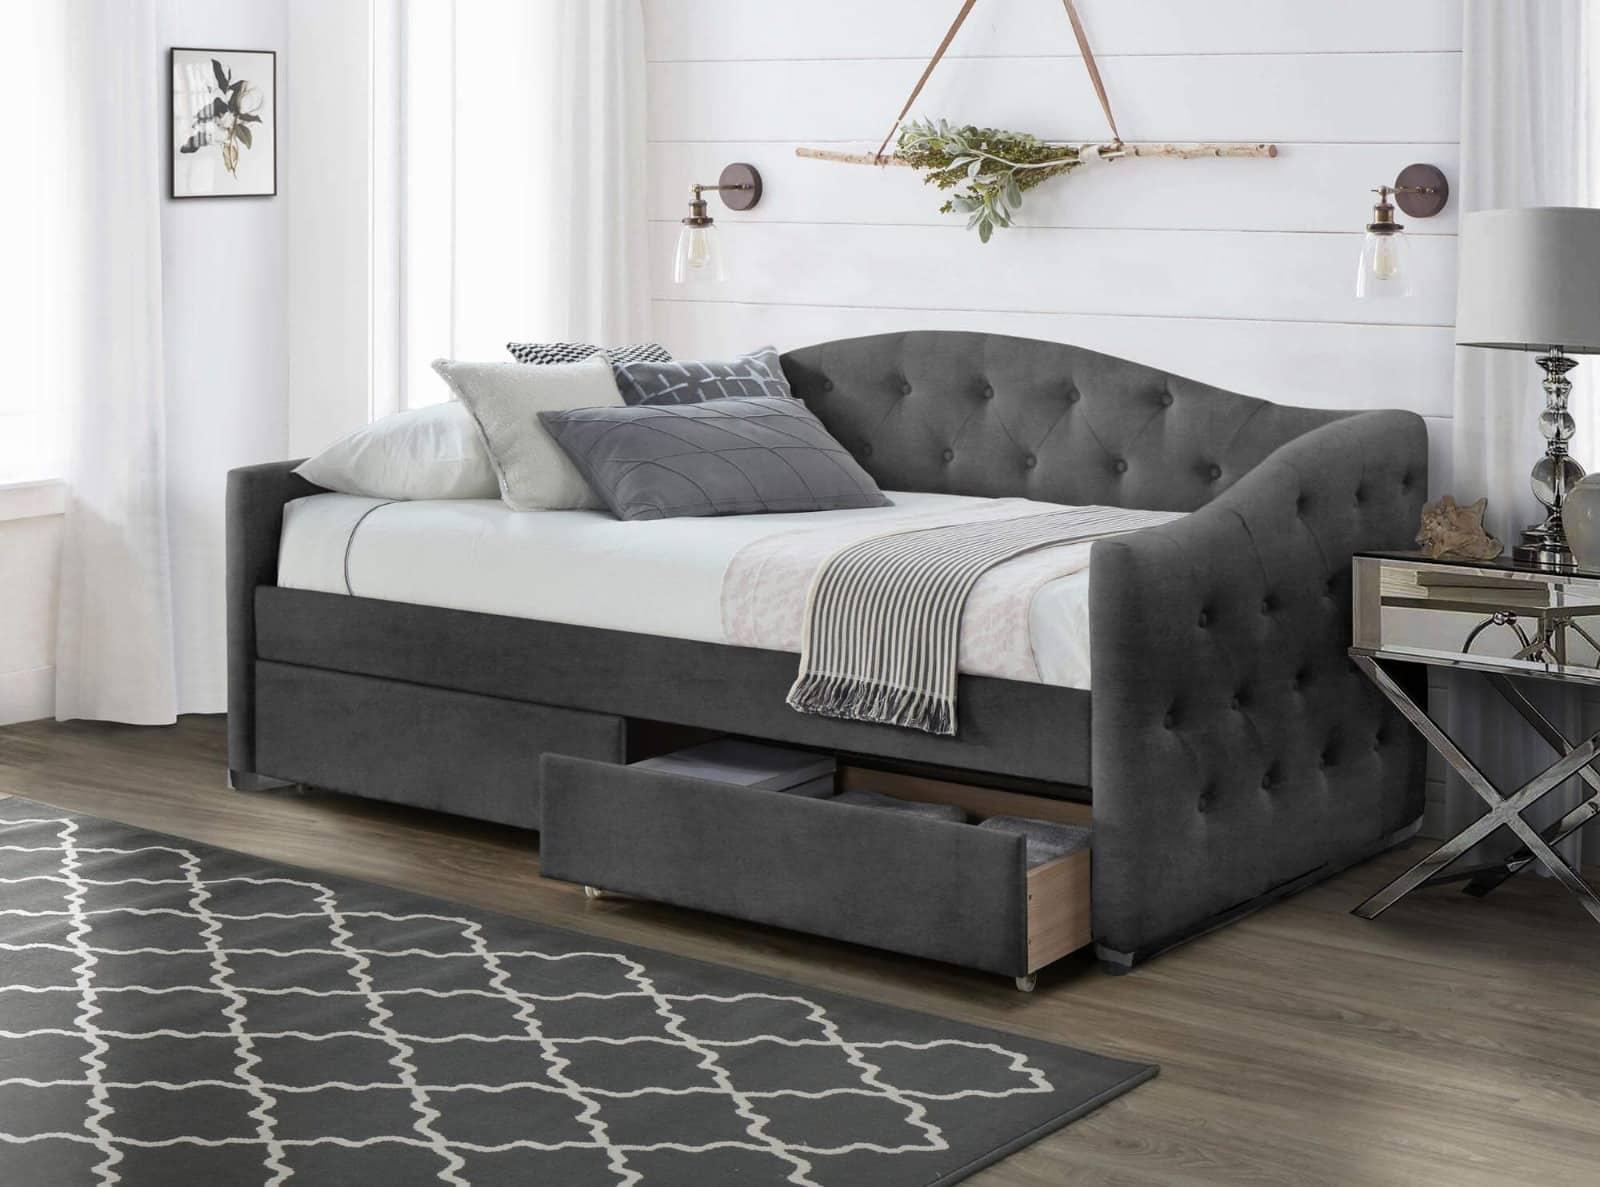 Dormitorul – mic, dar cochet. Idei de amenajare 7